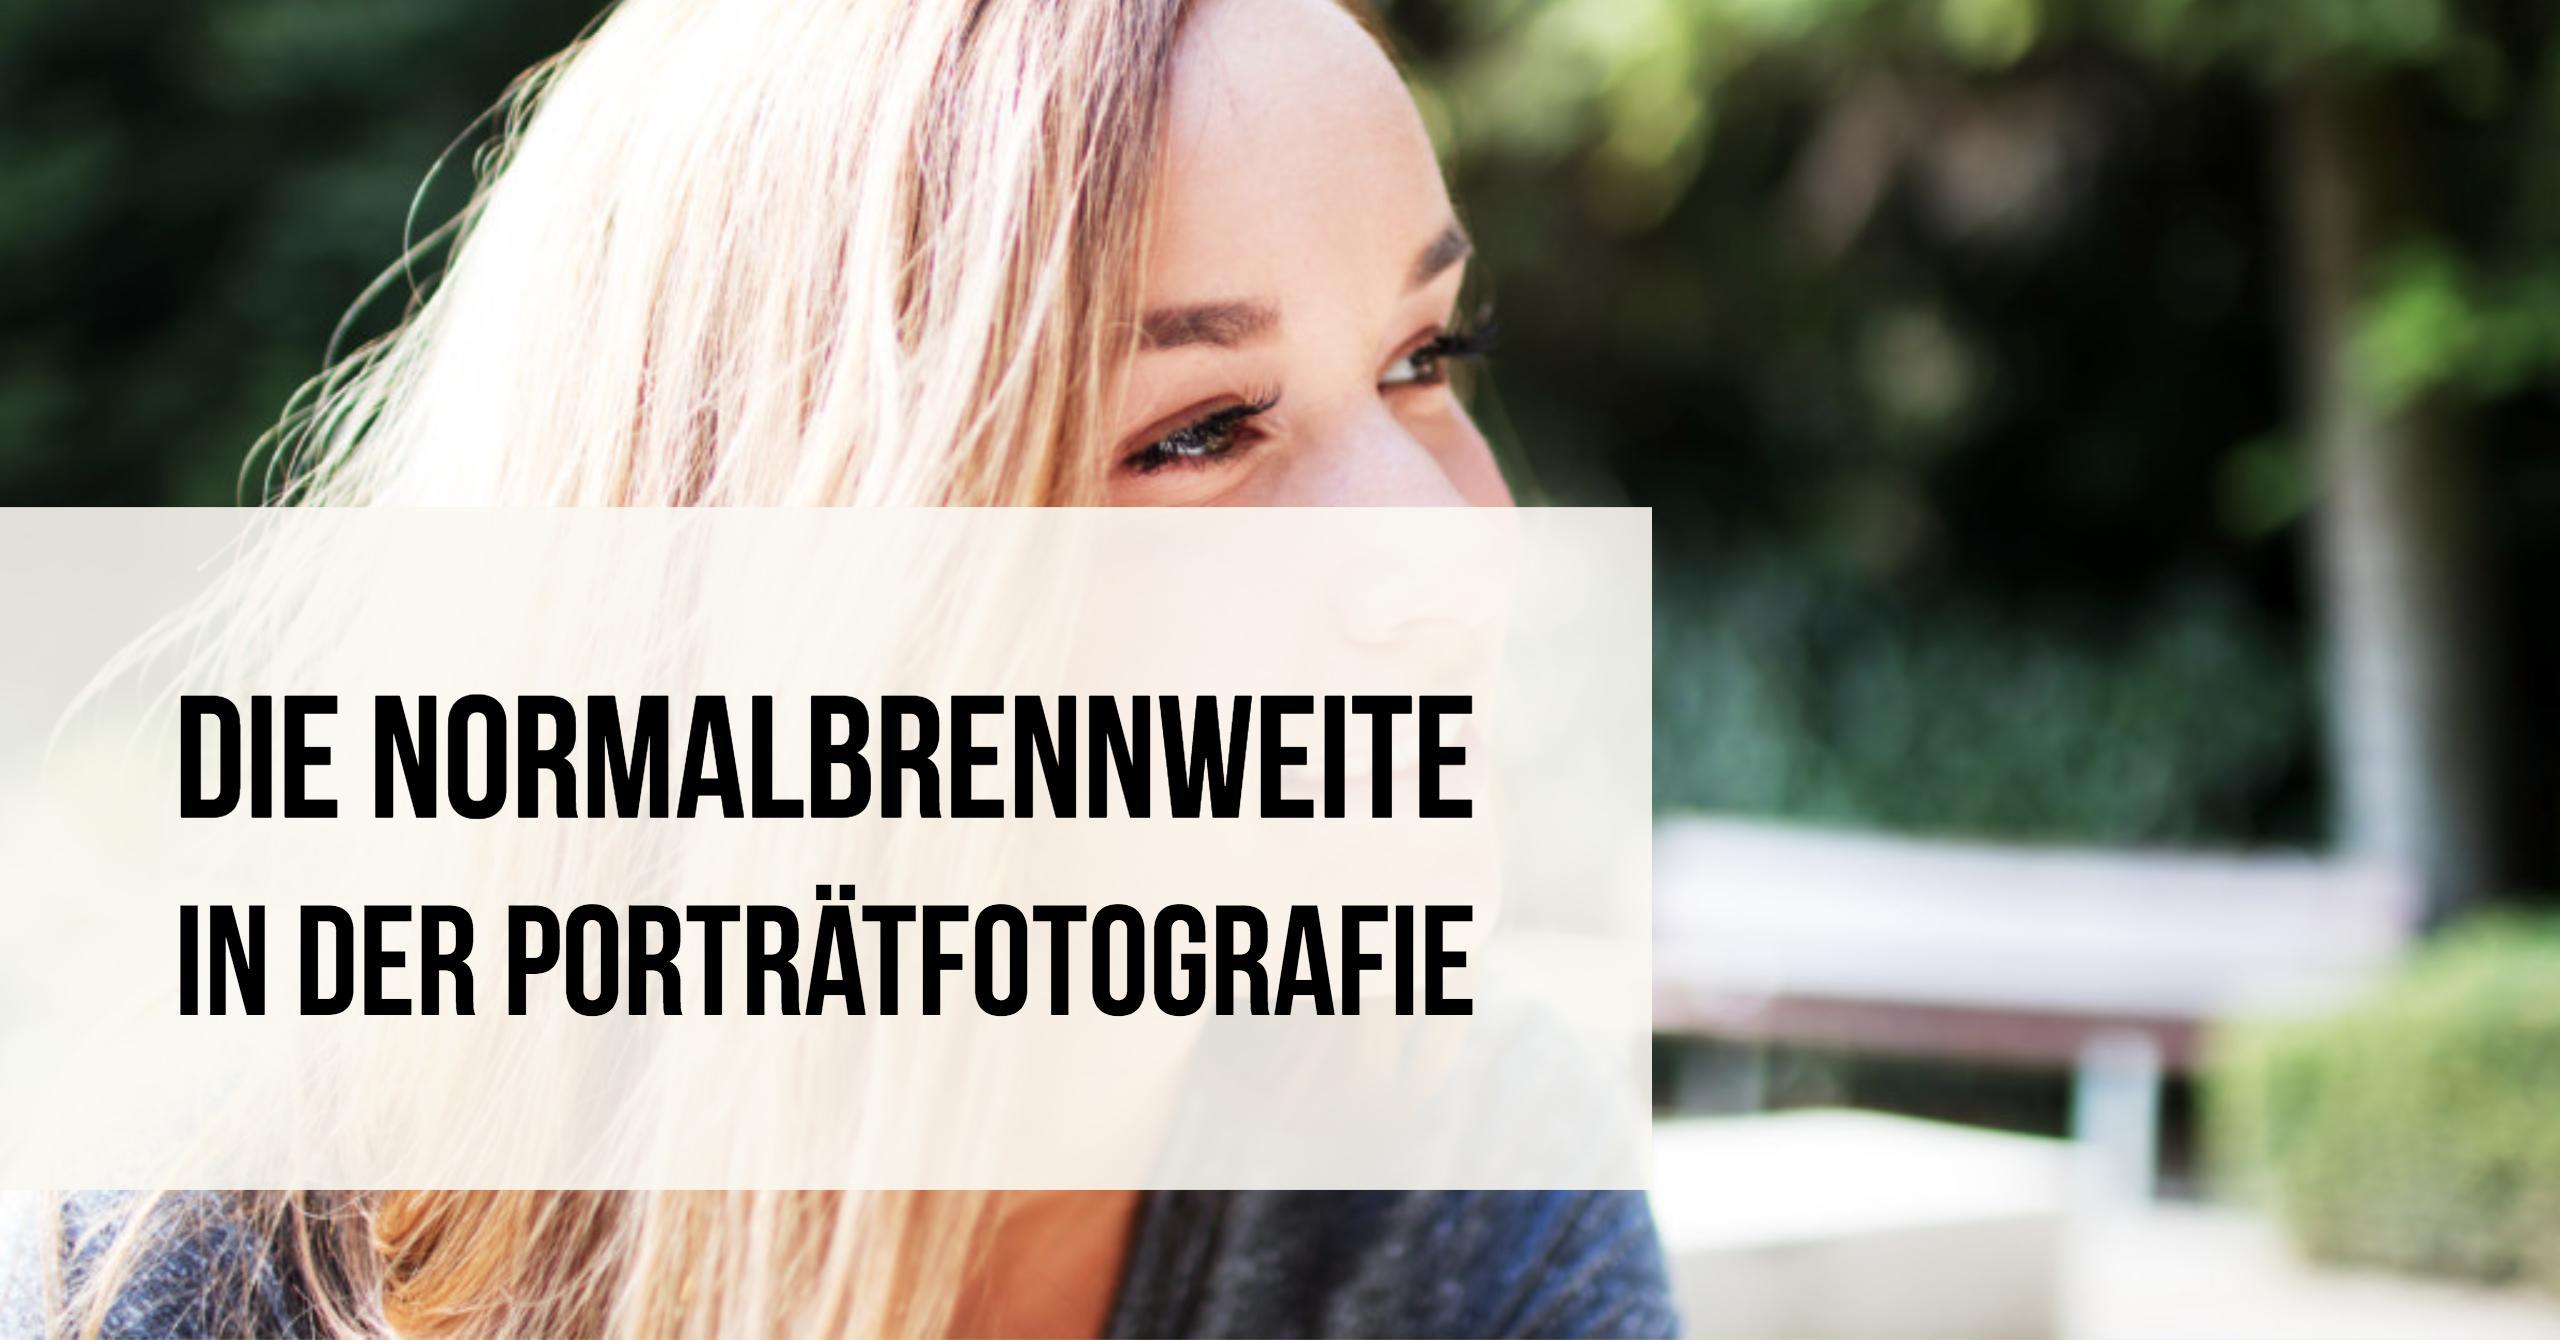 normalbrennweite-portraetfotografie-teaser